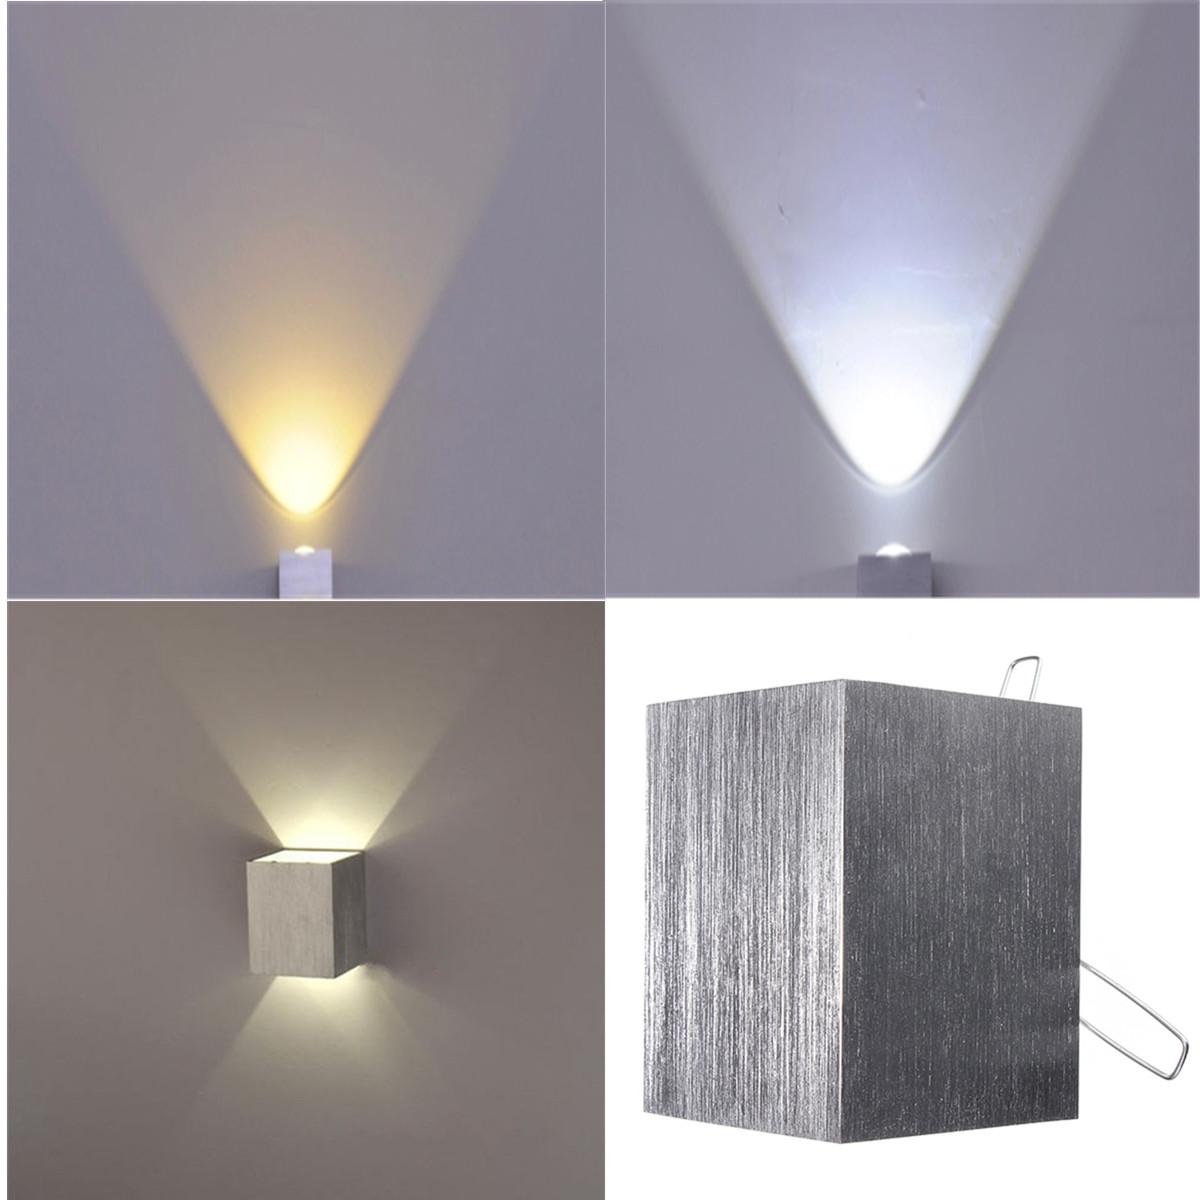 led lampe de mur 3w applique murale luminaire d coratif d 39 int rieur salle maison blanc chaud. Black Bedroom Furniture Sets. Home Design Ideas